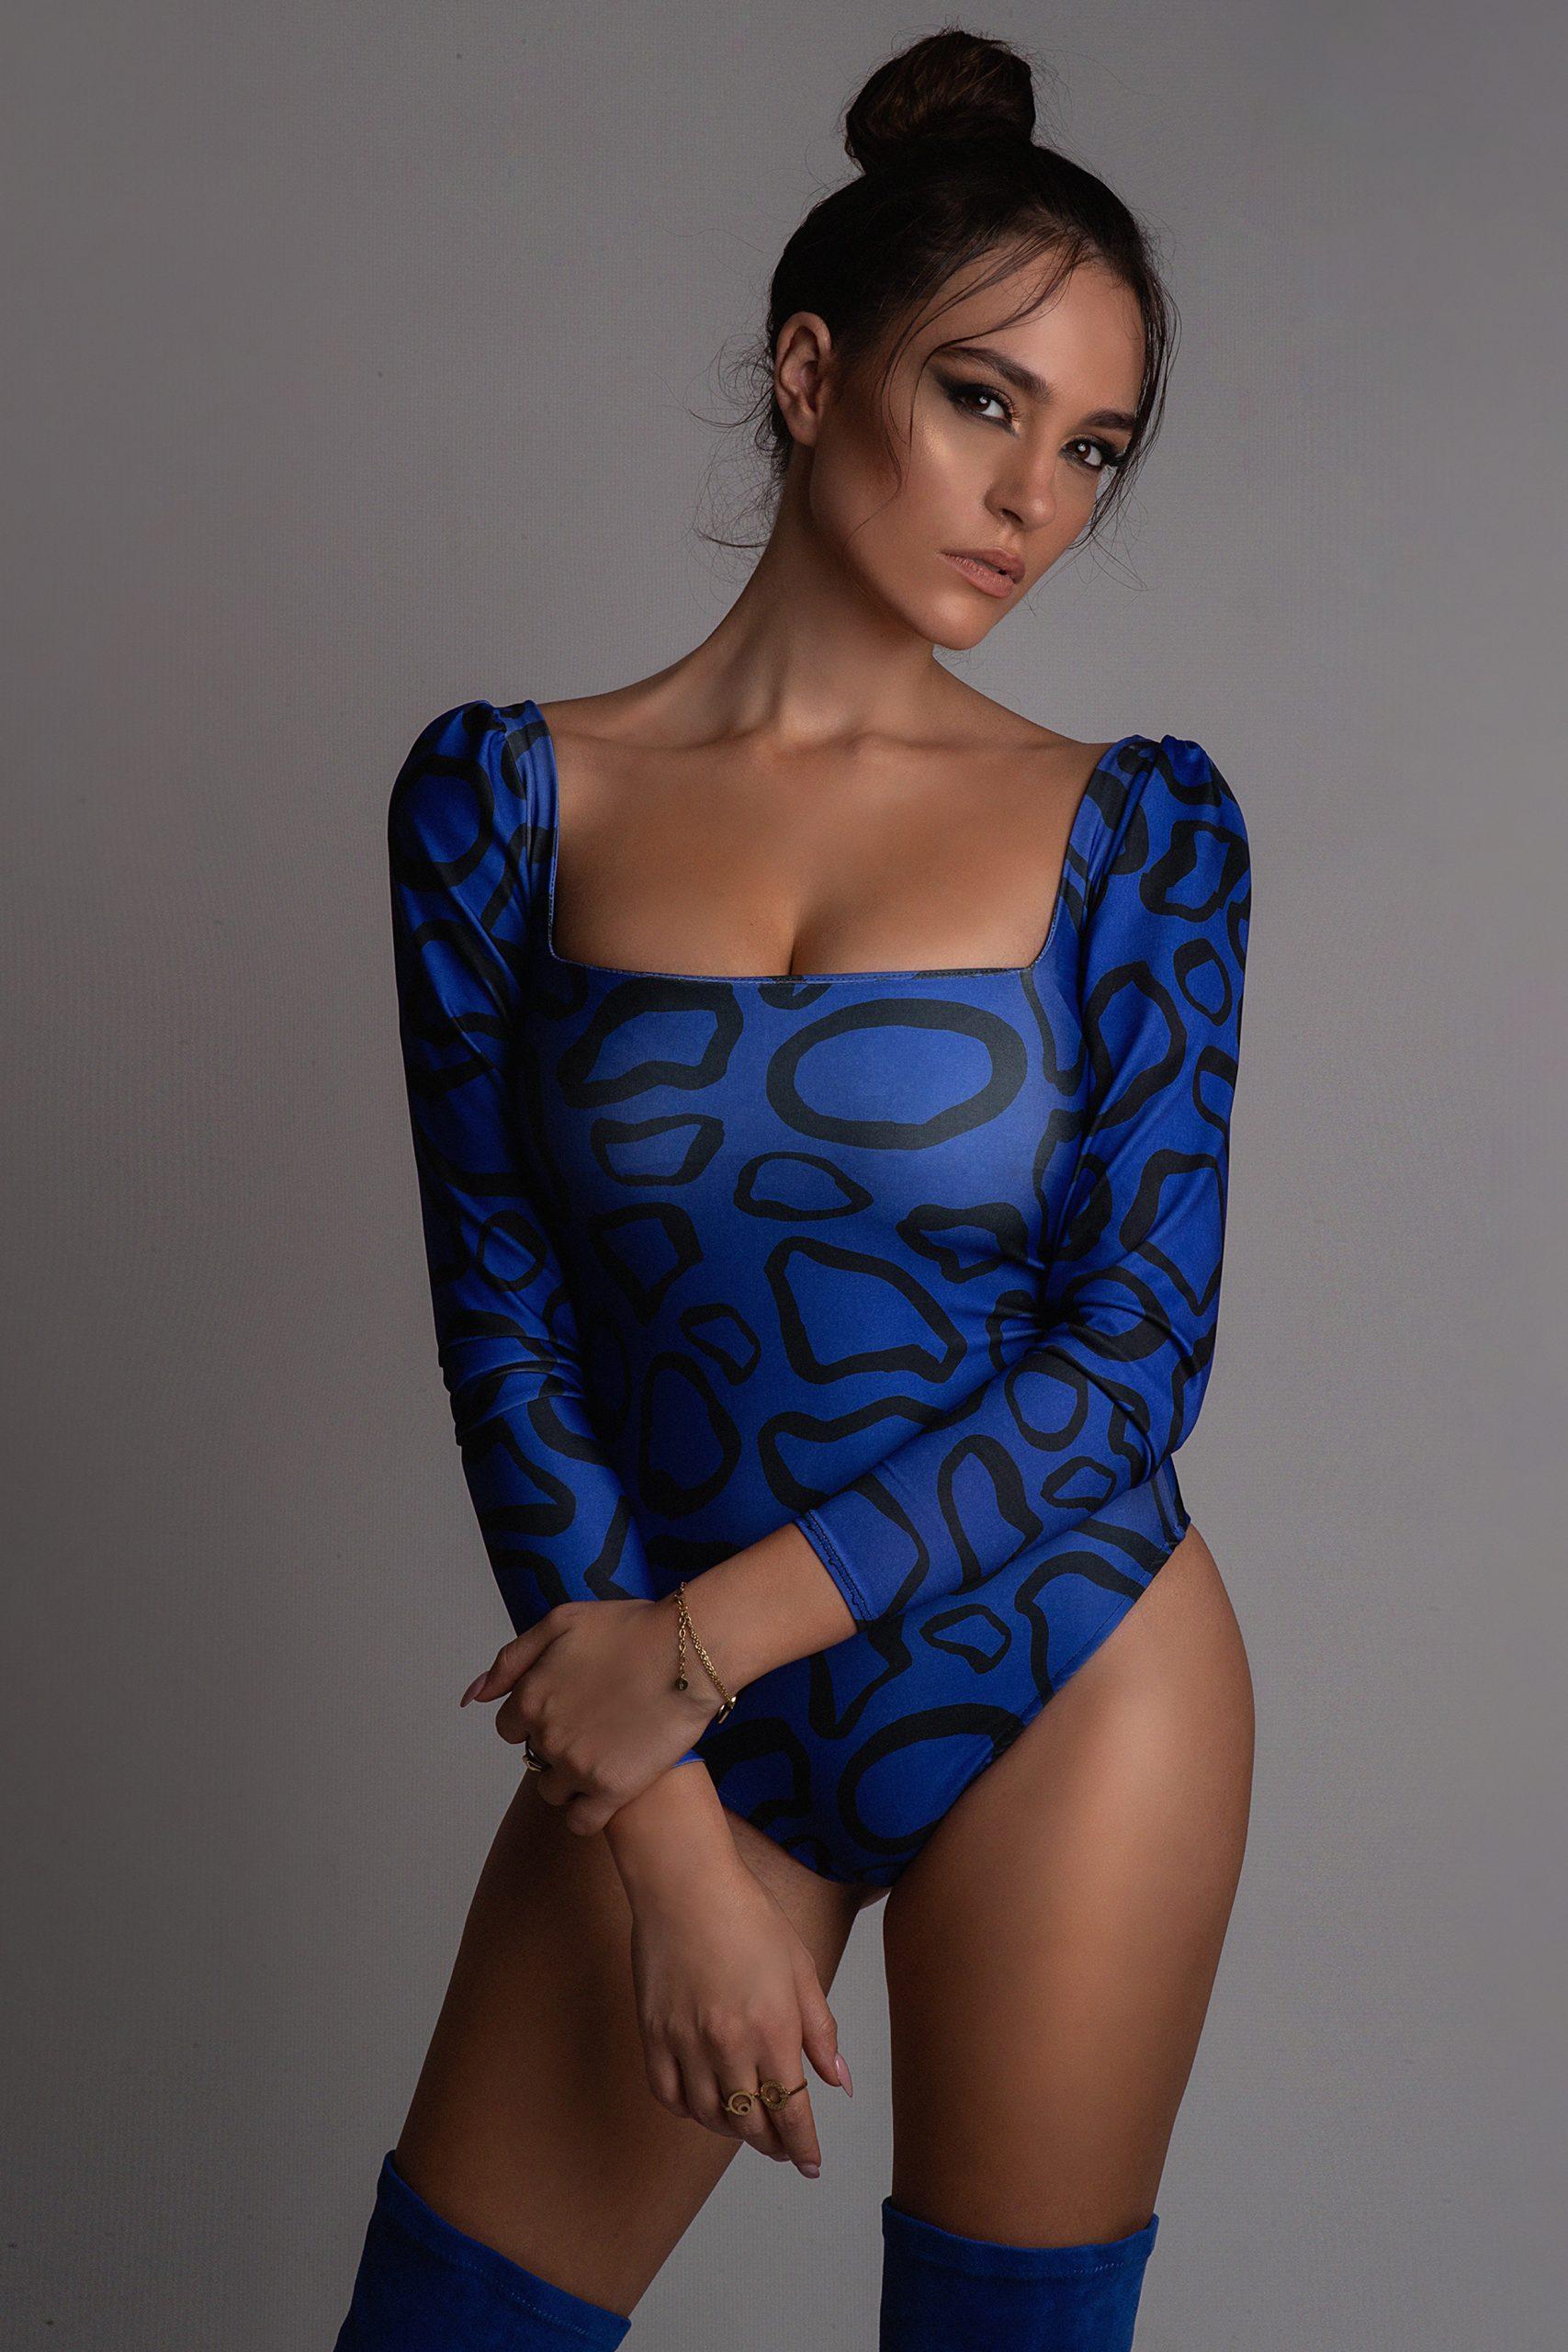 Celebrity wearing a blue patterned bodysuit